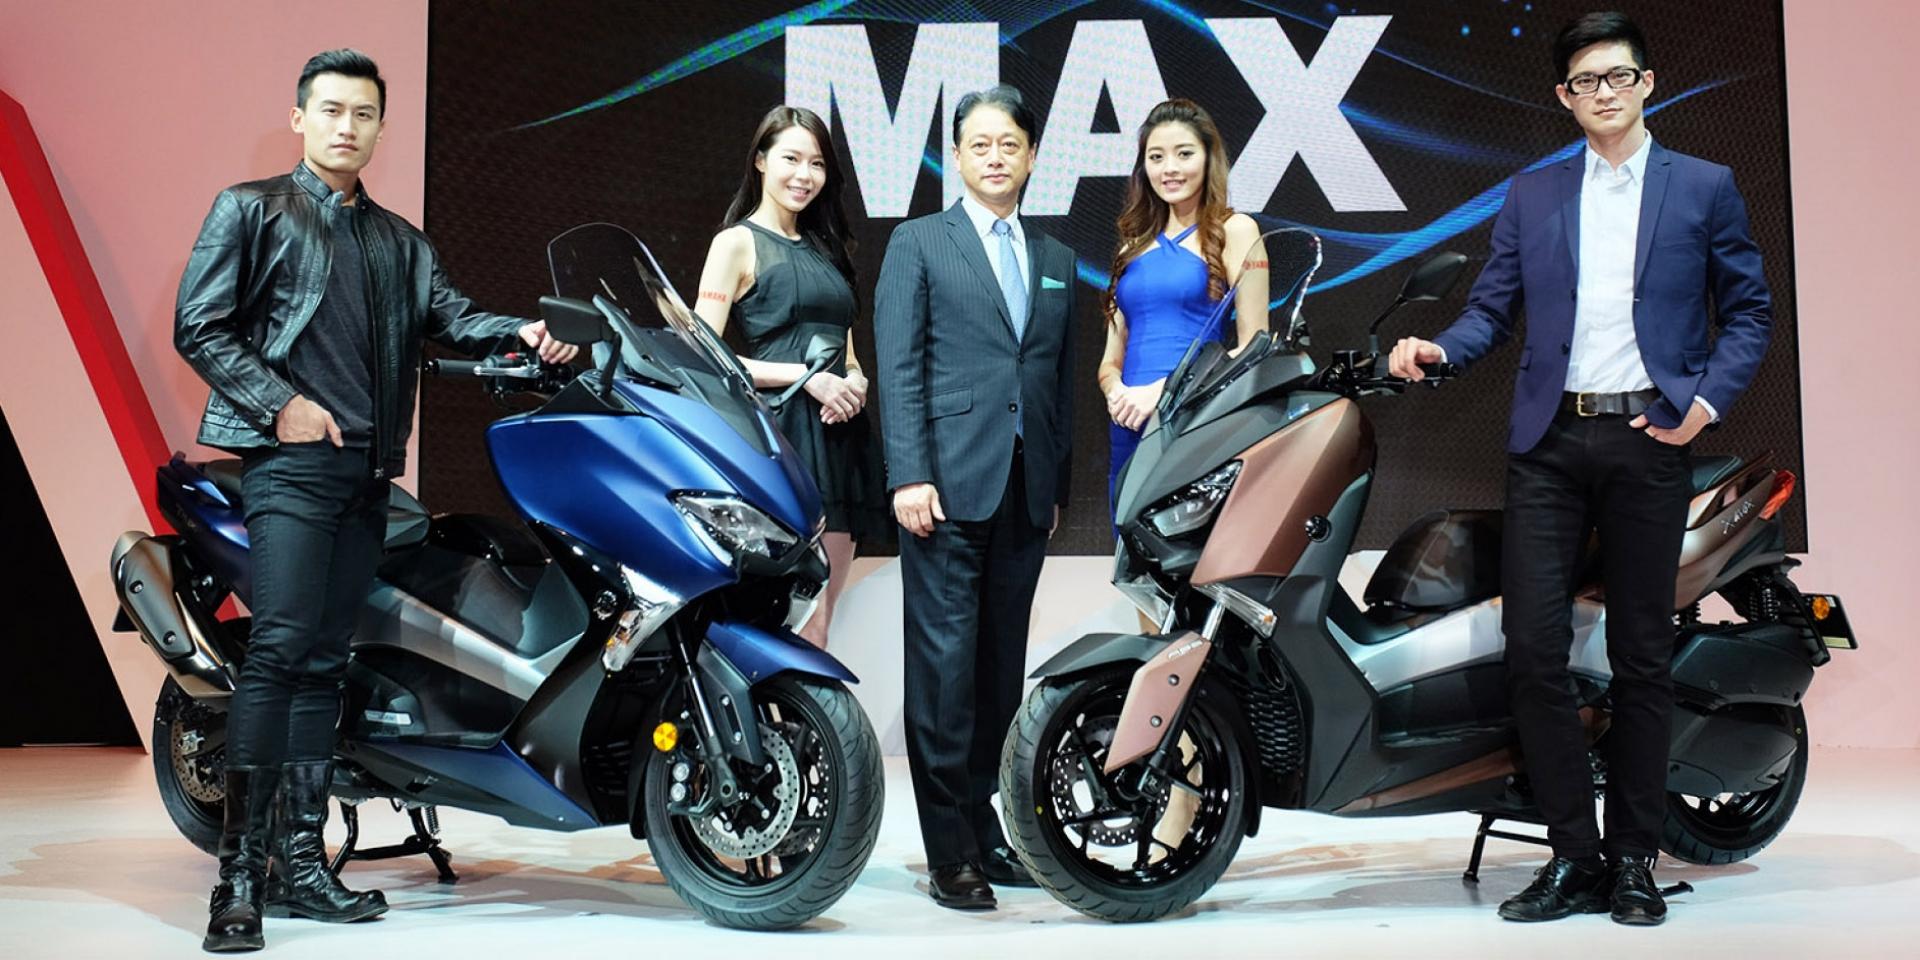 車市震撼彈 MAX雙雄登台。YAMAHA TMAX DX/SX&XMAX正式登場